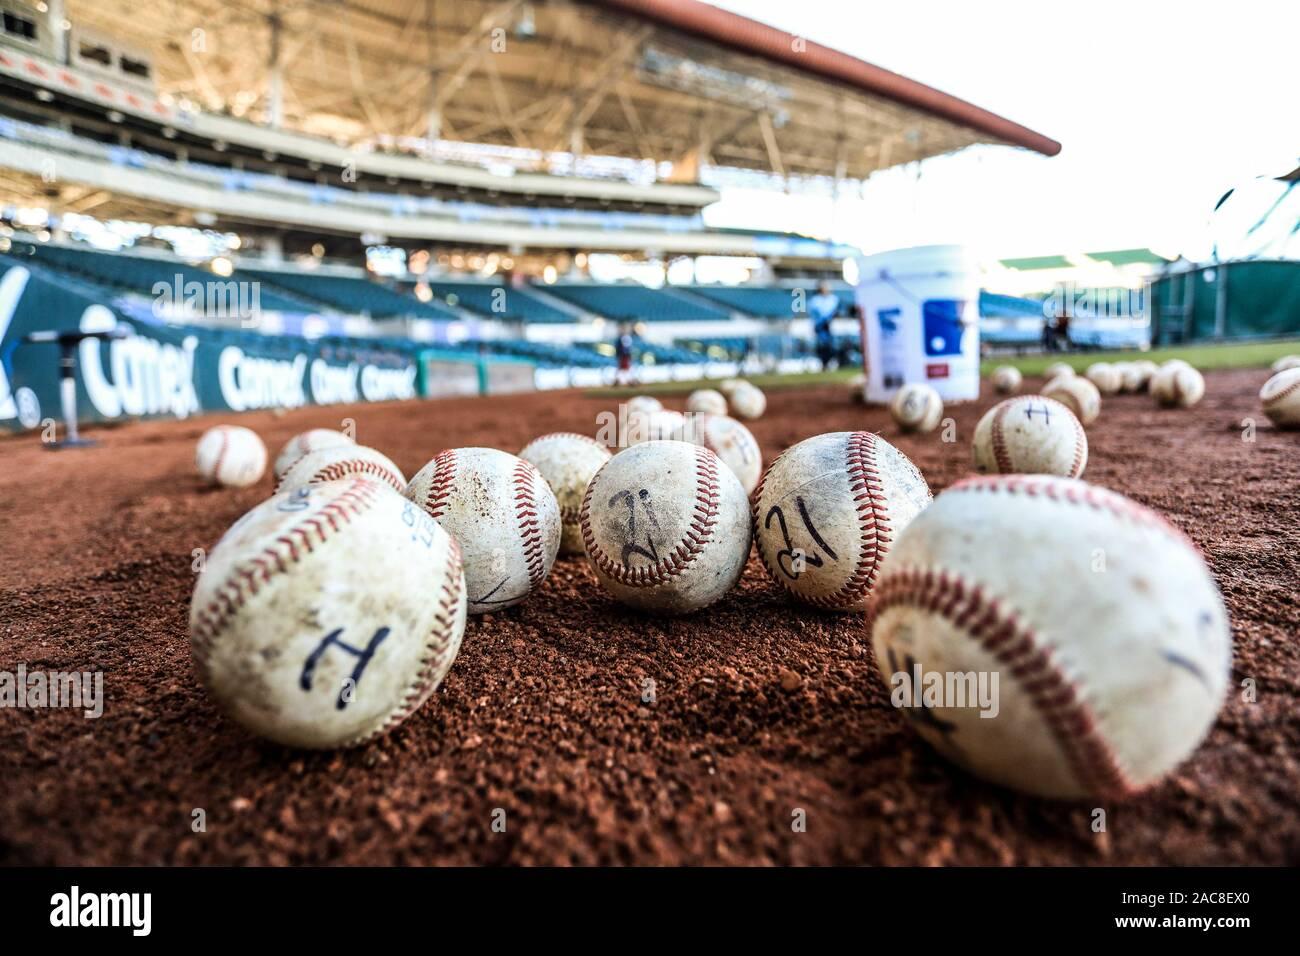 Detalles las costuras de pelota de beisbol. Acciones durante el encuentro de beisbol entre Algodoneros vs Naranjeros. Liga Mexicana del Pacifico a 1dic2019 2019 2020.   (© Photo: LuisGutierrez / NortePhoto.com) © Stock Photo